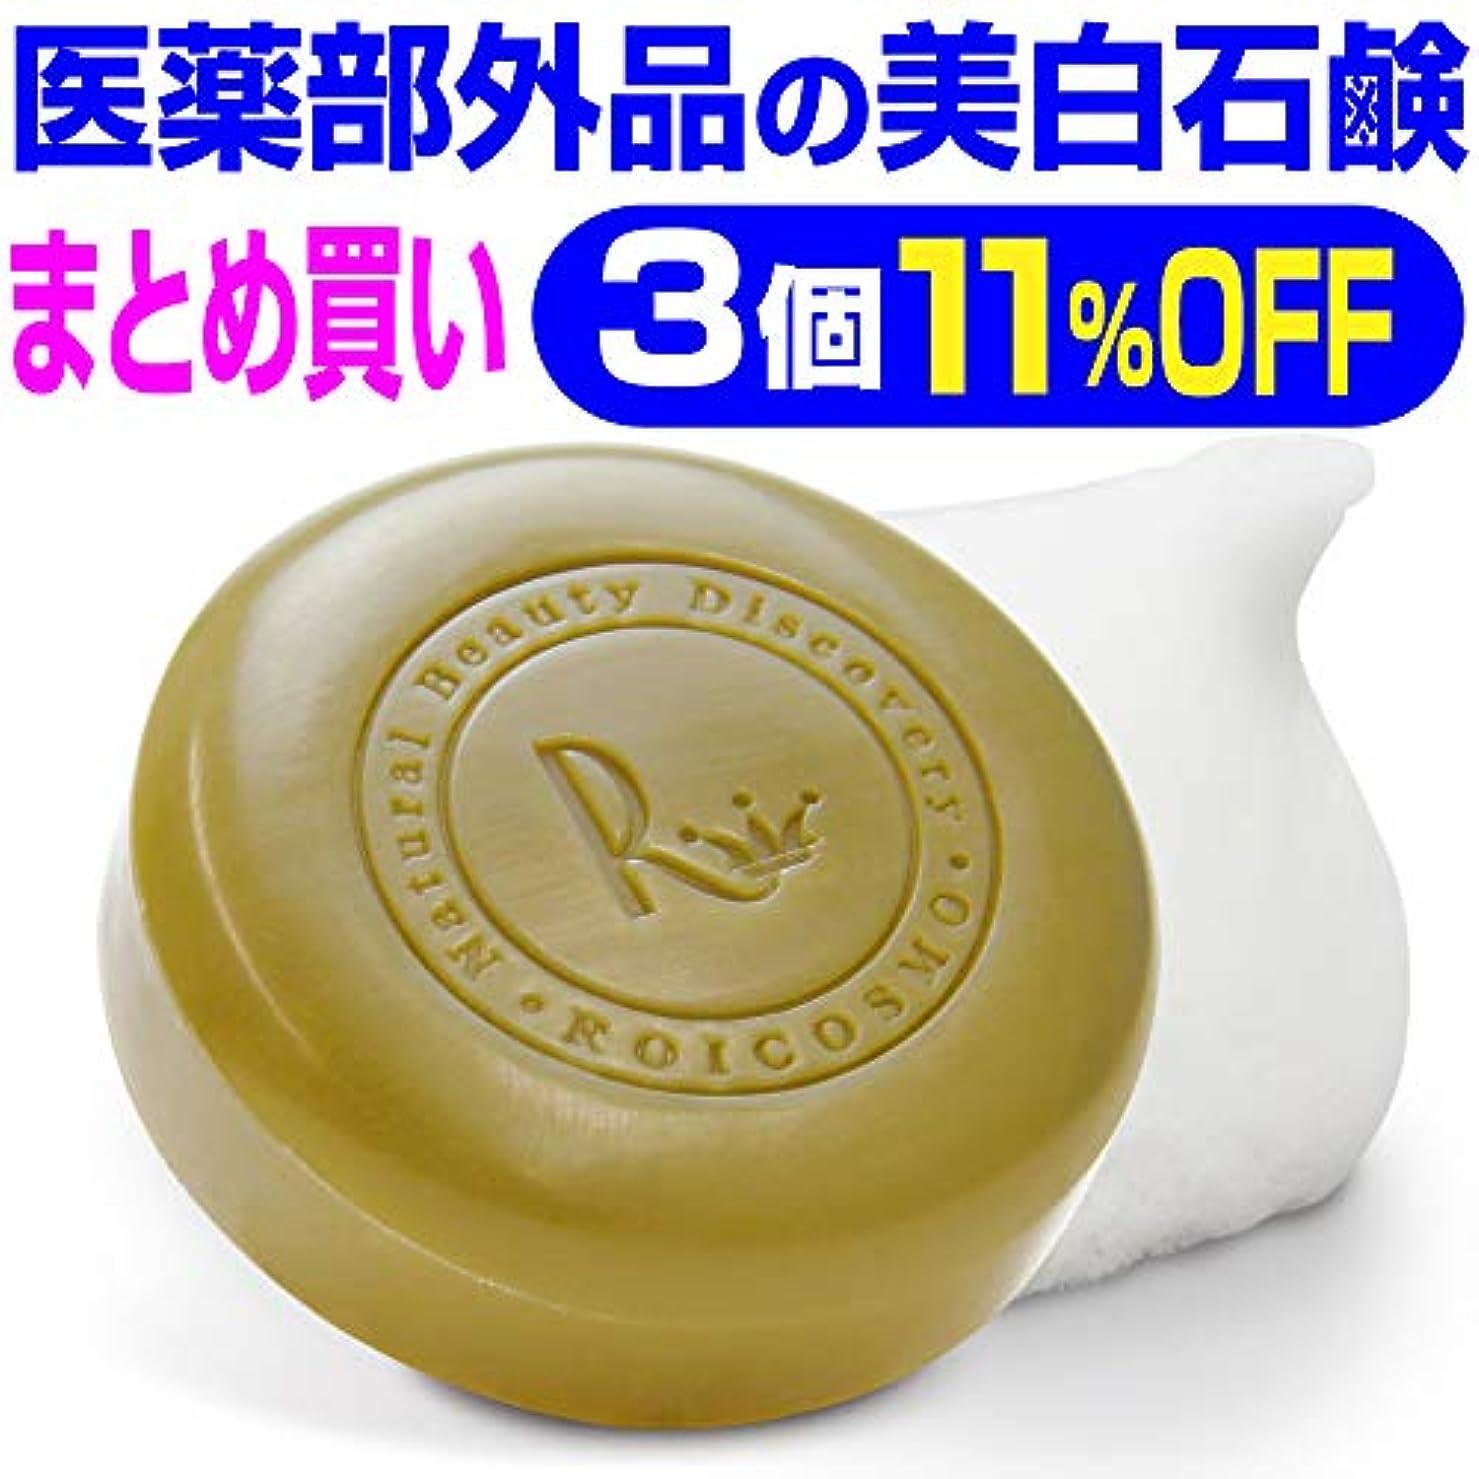 ソースアイドル自然3個まとめ買い11%OFF 美白石鹸/ビタミンC270倍の美白成分配合の 洗顔石鹸『ホワイトソープ100g×3個』